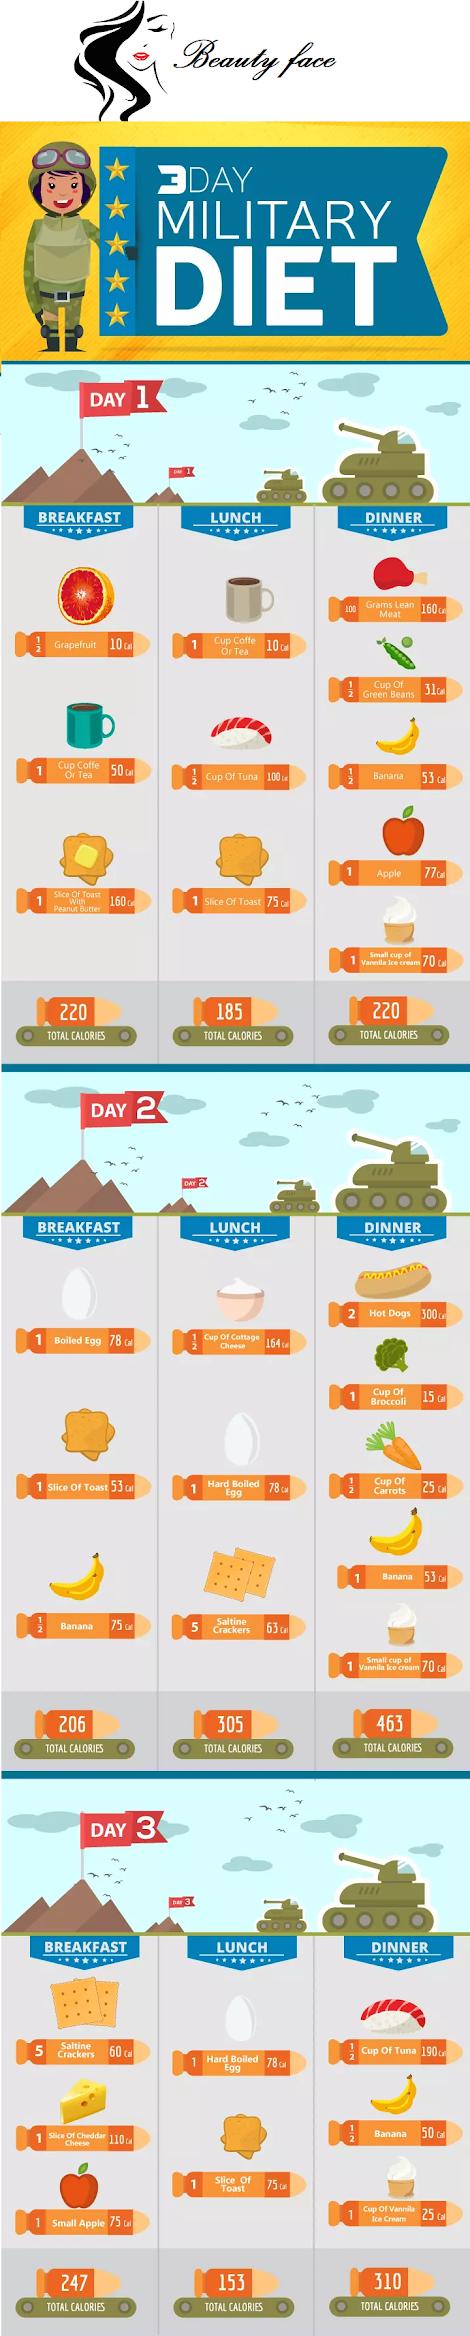 مراجعة النظام الغذائي العسكري لمدة 3 أيام - الدليل العلمي النهائي